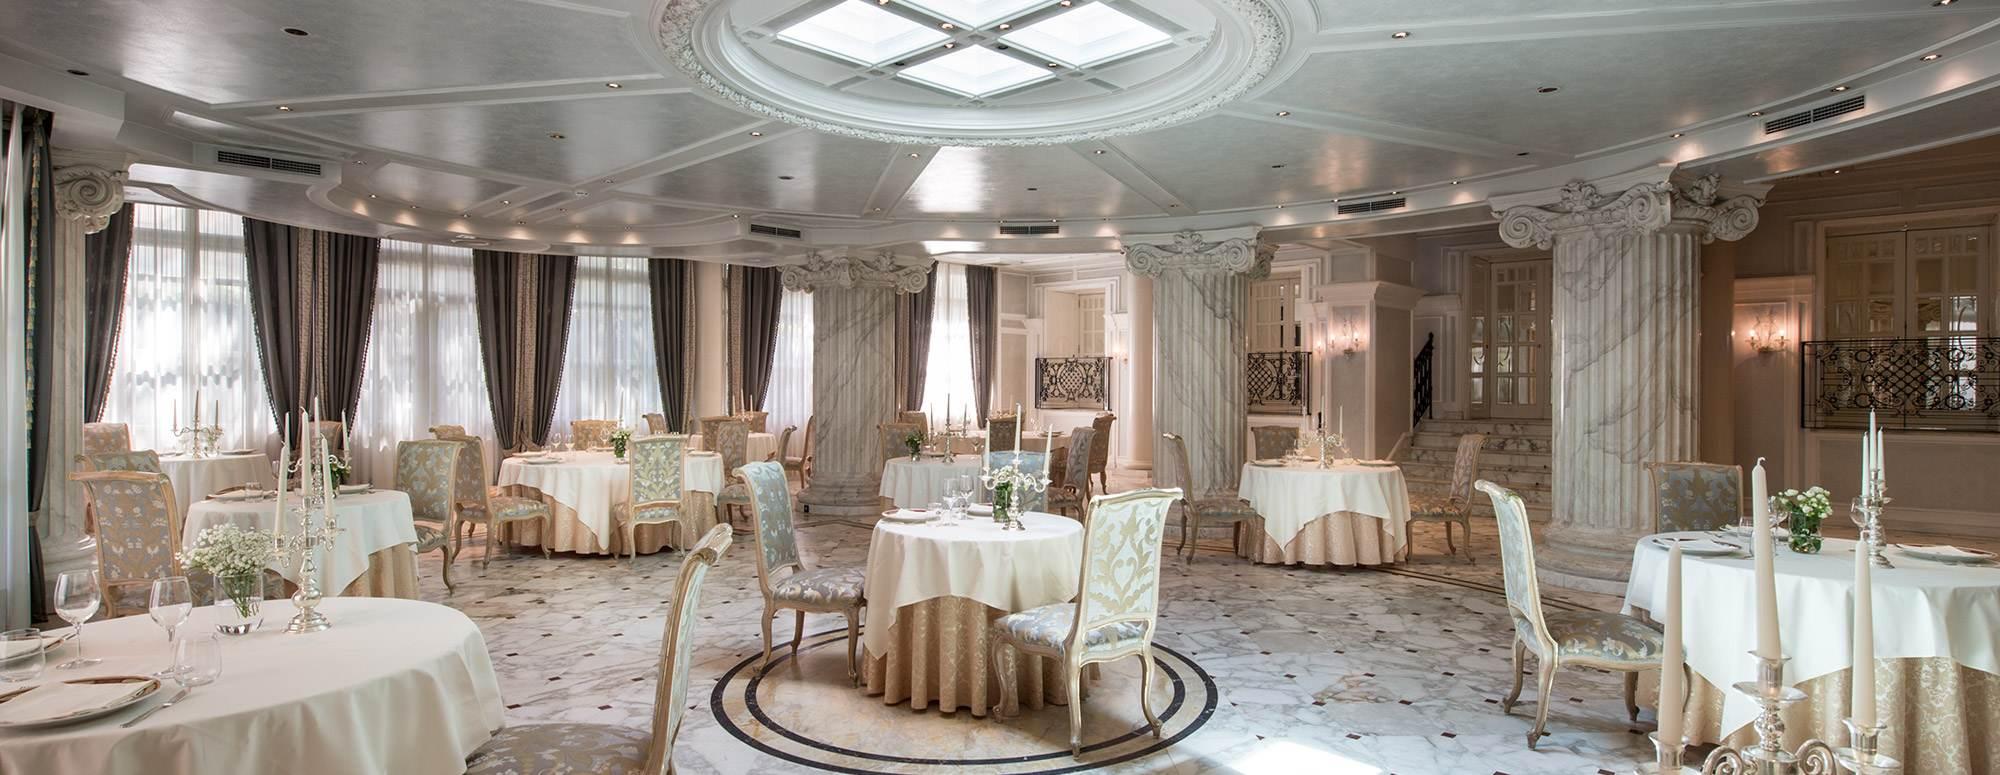 Hotel con ristorante riccione e giardino esterno grand for Hotel des bains saillon